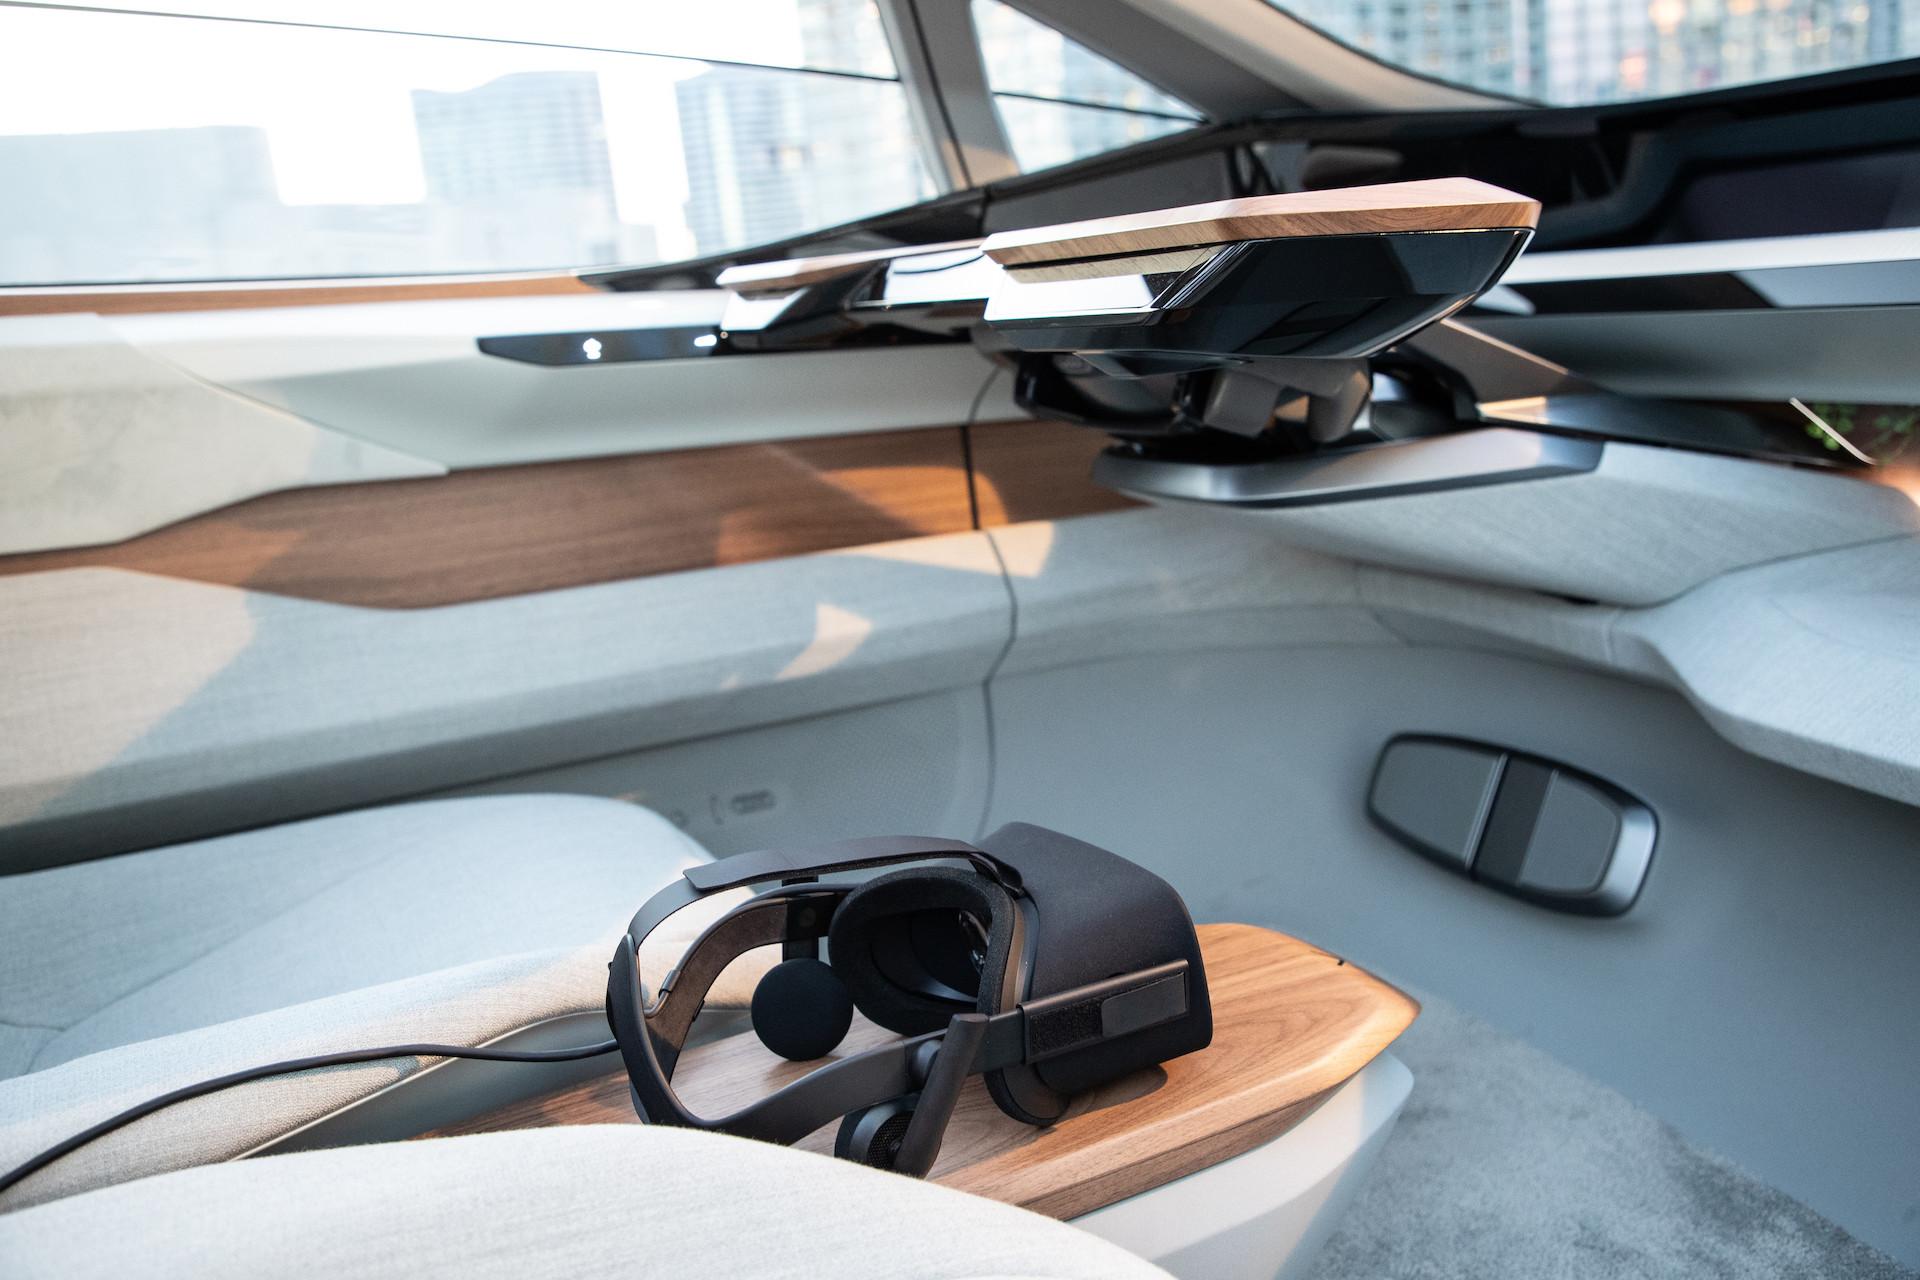 Audi auf der CES 2020: Die Neuheiten und Zukunftskonzepte in Las Vegas 9